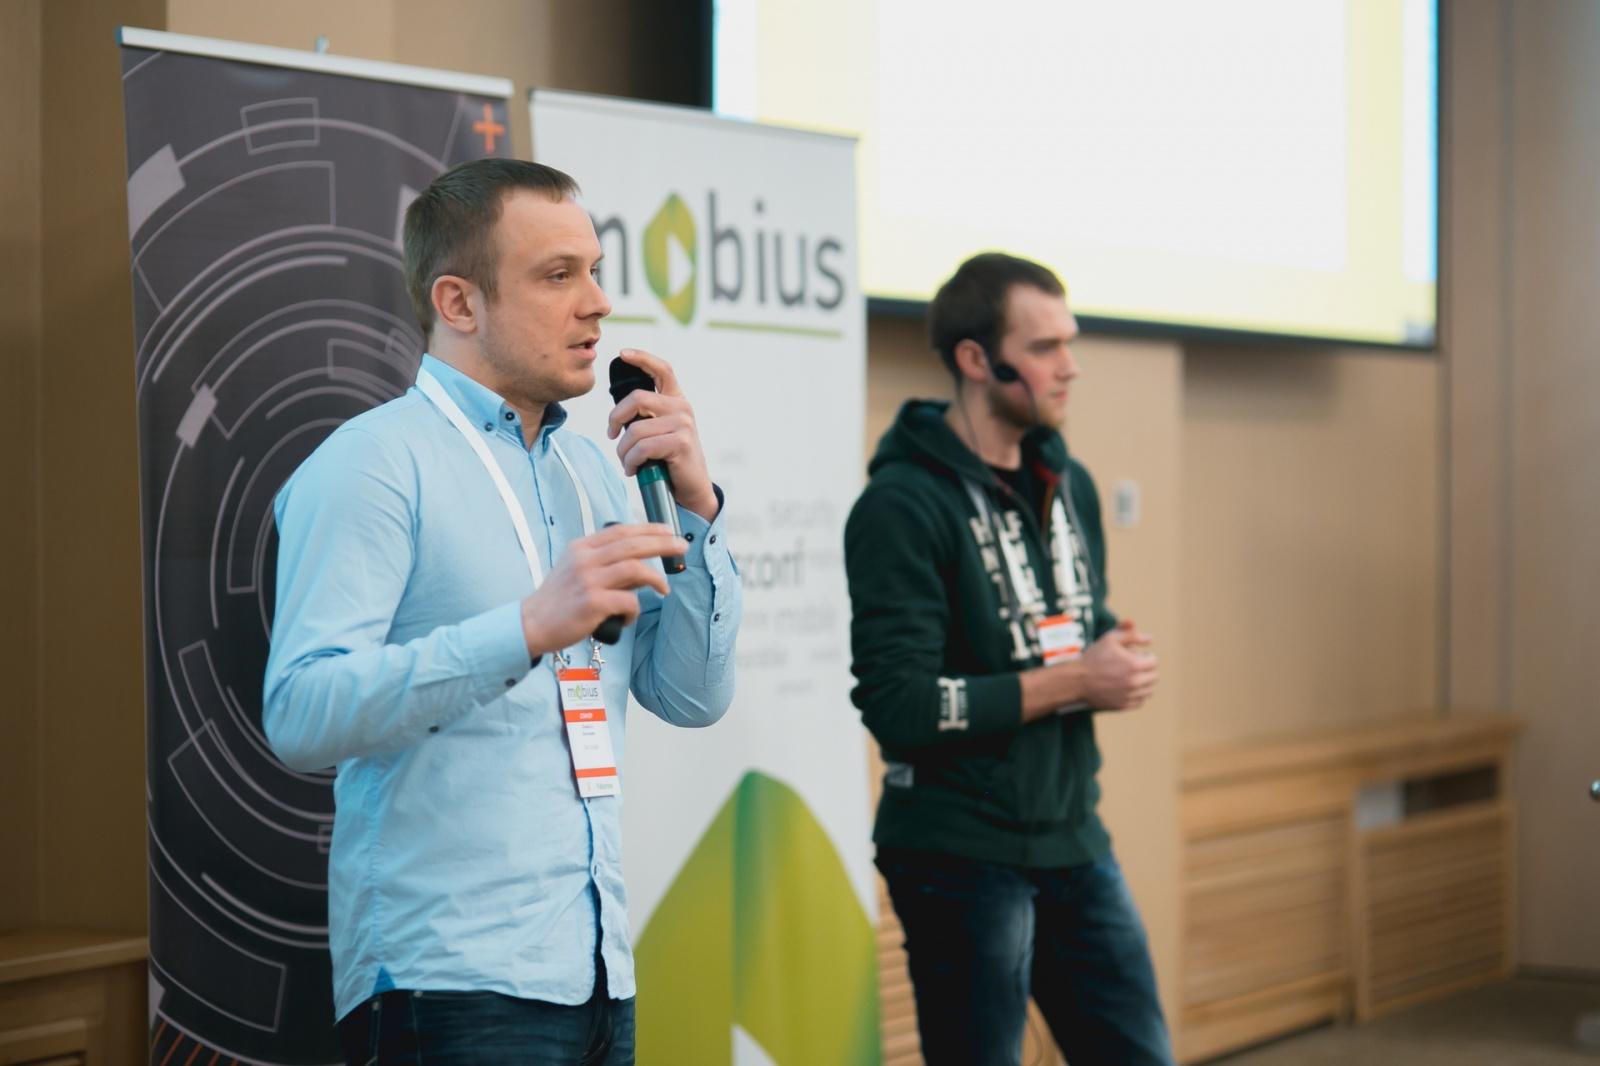 Конференция Mobius: как в мобильных устройствах открывали неочевидное - 9